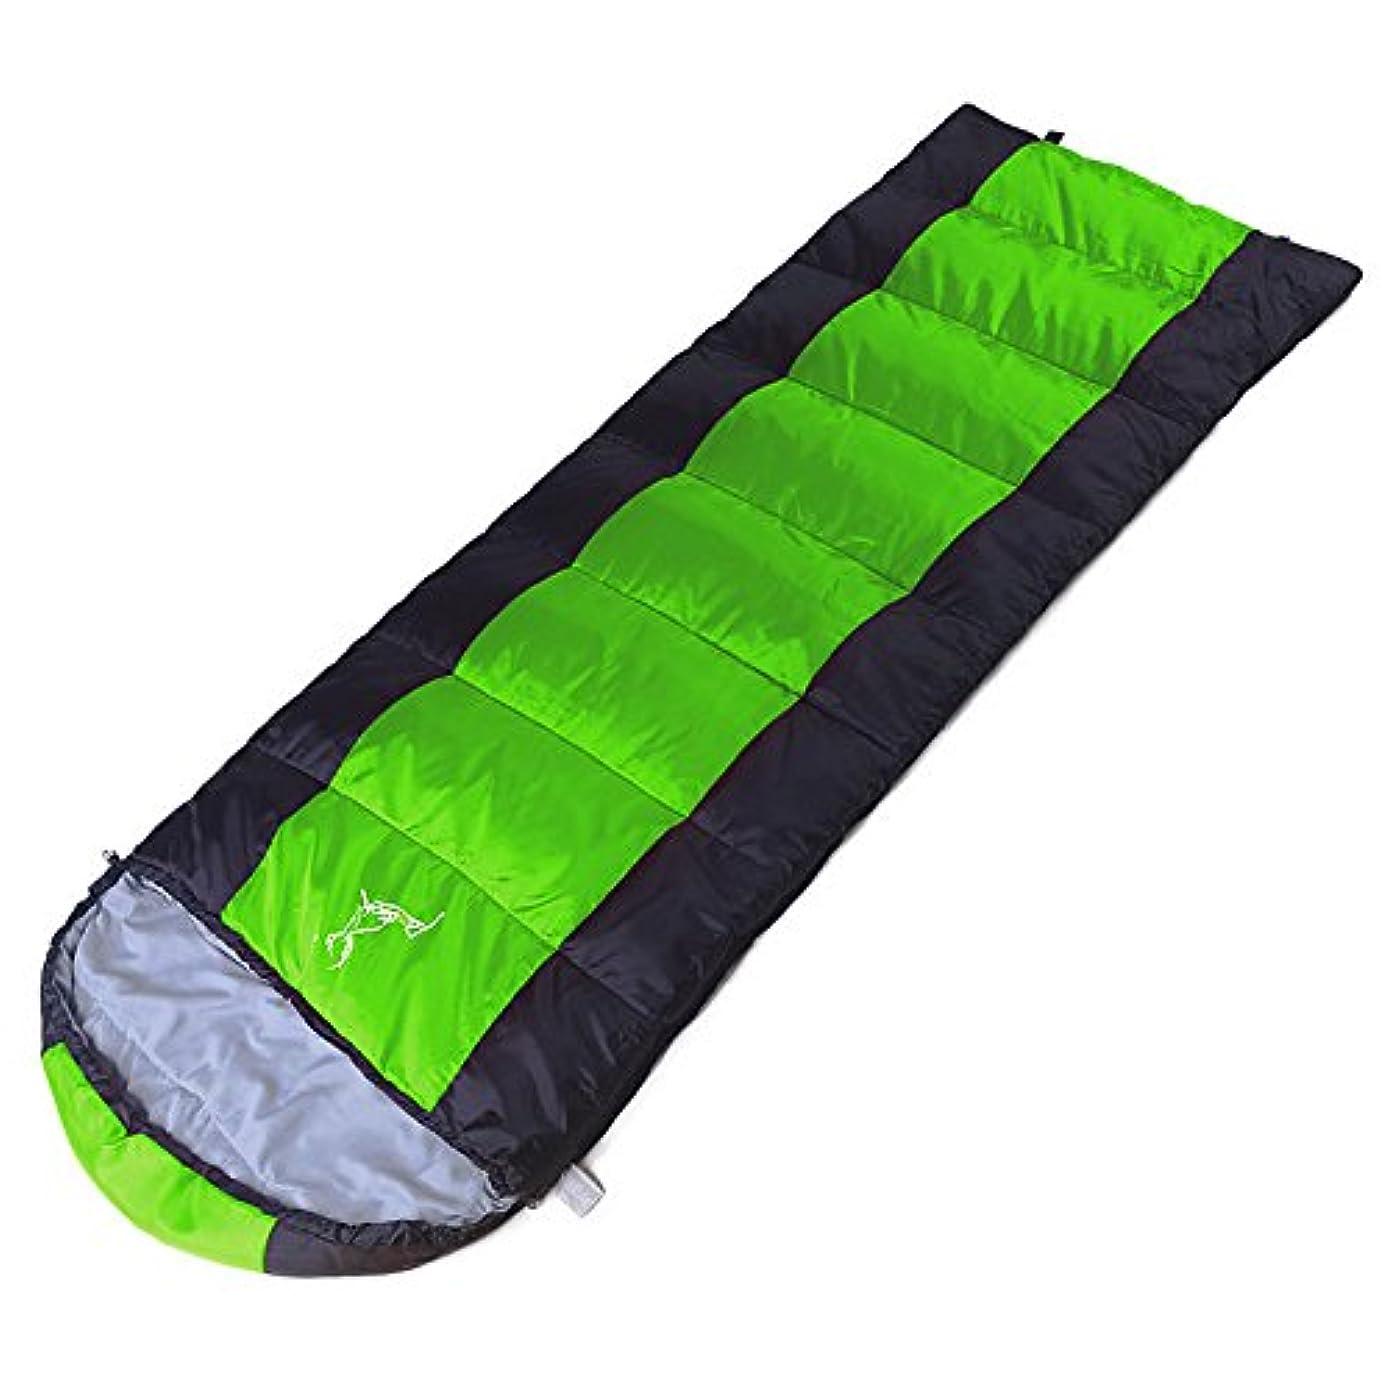 狂信者実現可能背の高いWaterly 携帯用二重通気性の寝袋の暖かさは快適な暖かさ自由ストレッチ防湿品質保証を感じます 顧客に愛されて